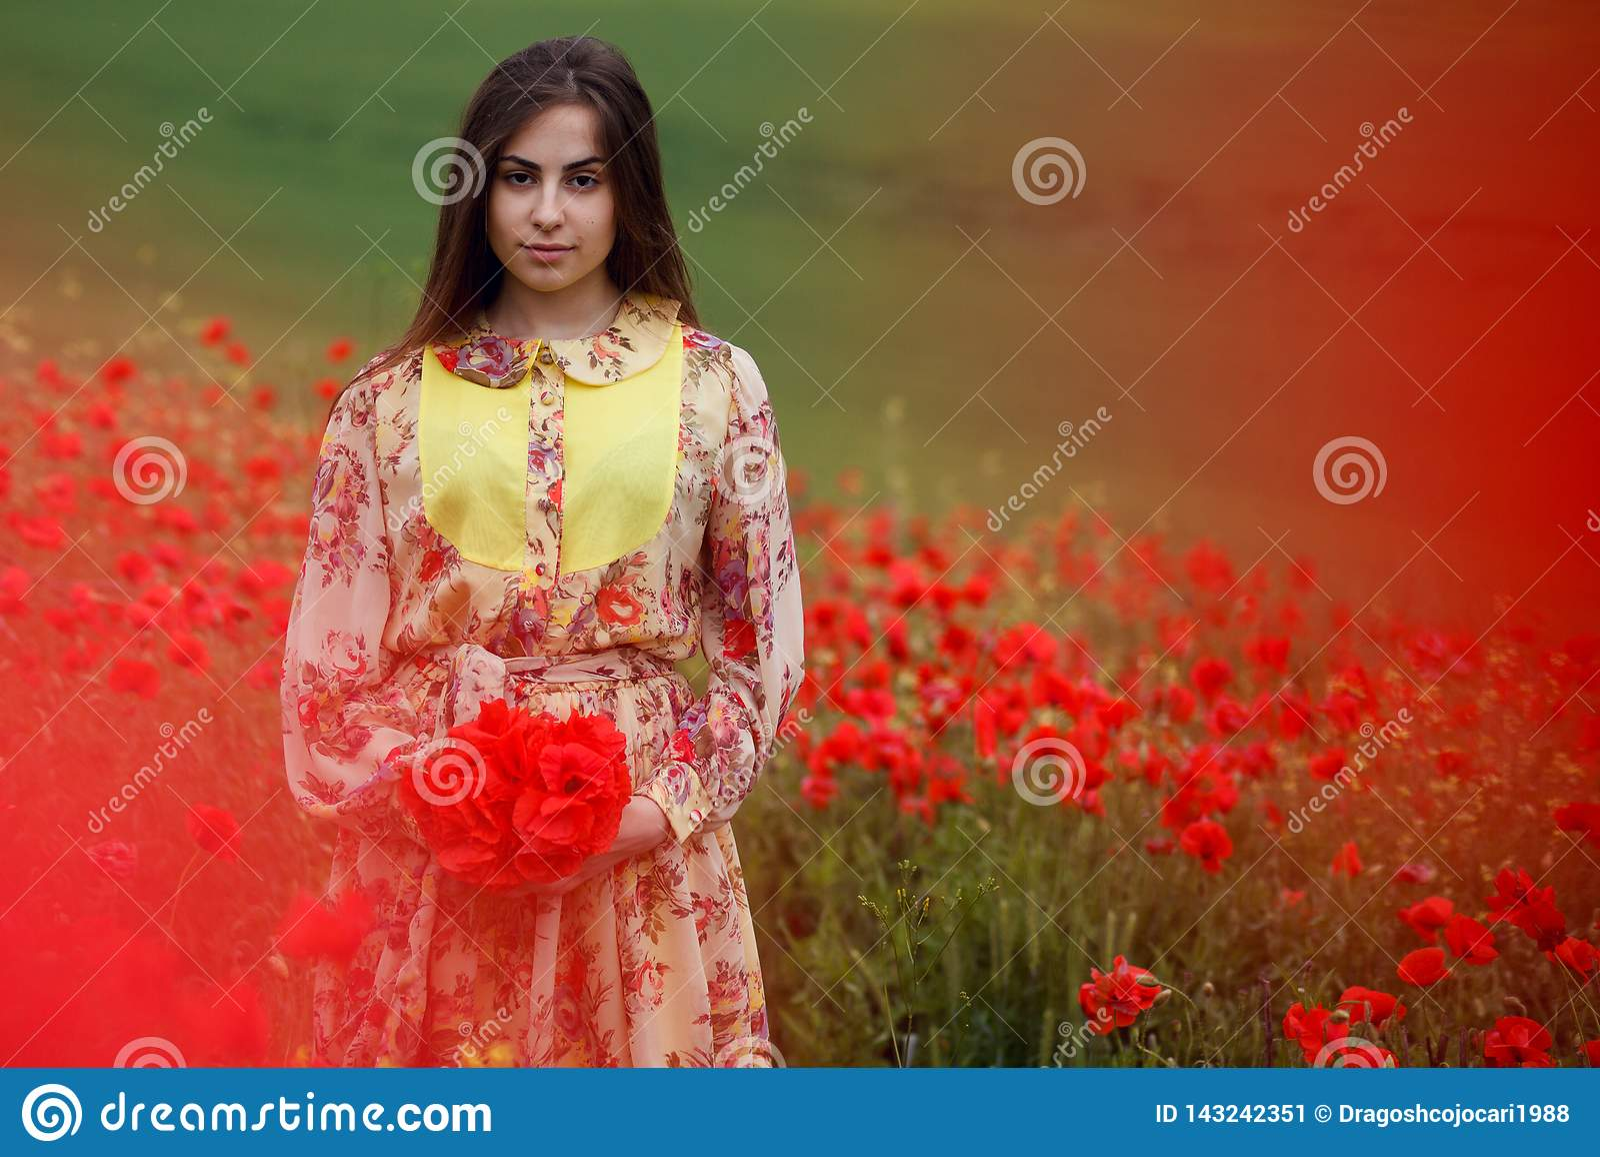 Härlig stående av en ung lång brun haired kvinna som är iklädd en blom- klänning som står i ett rött vallmofält